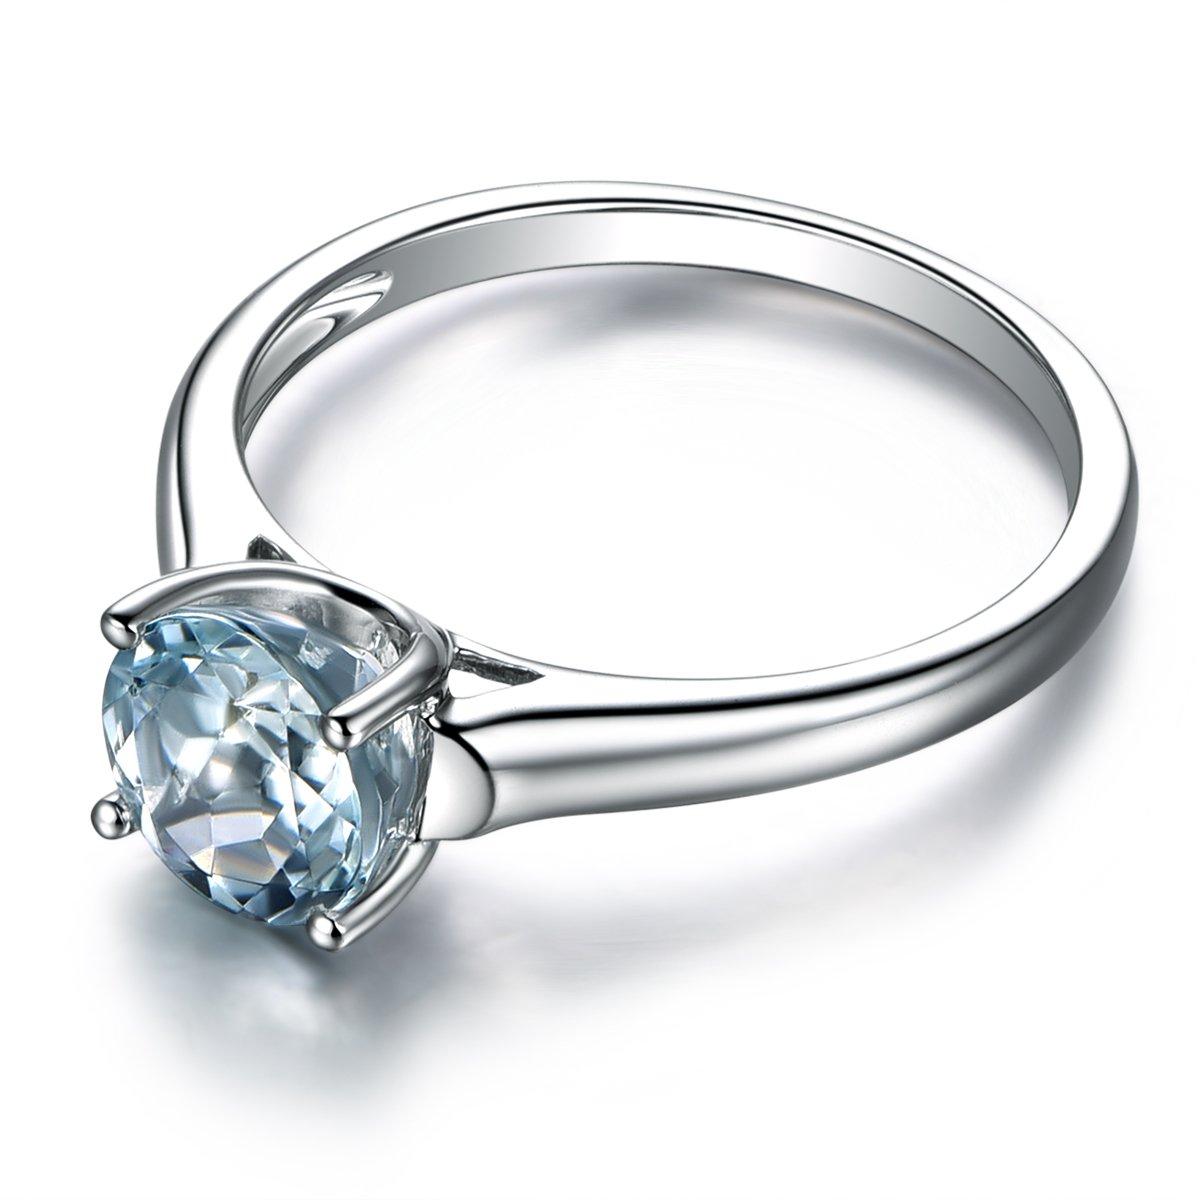 ecaf29e853167 Amazon.com: MYRAYGEM-wedding ring sets Aquamarine Engagement Ring ...